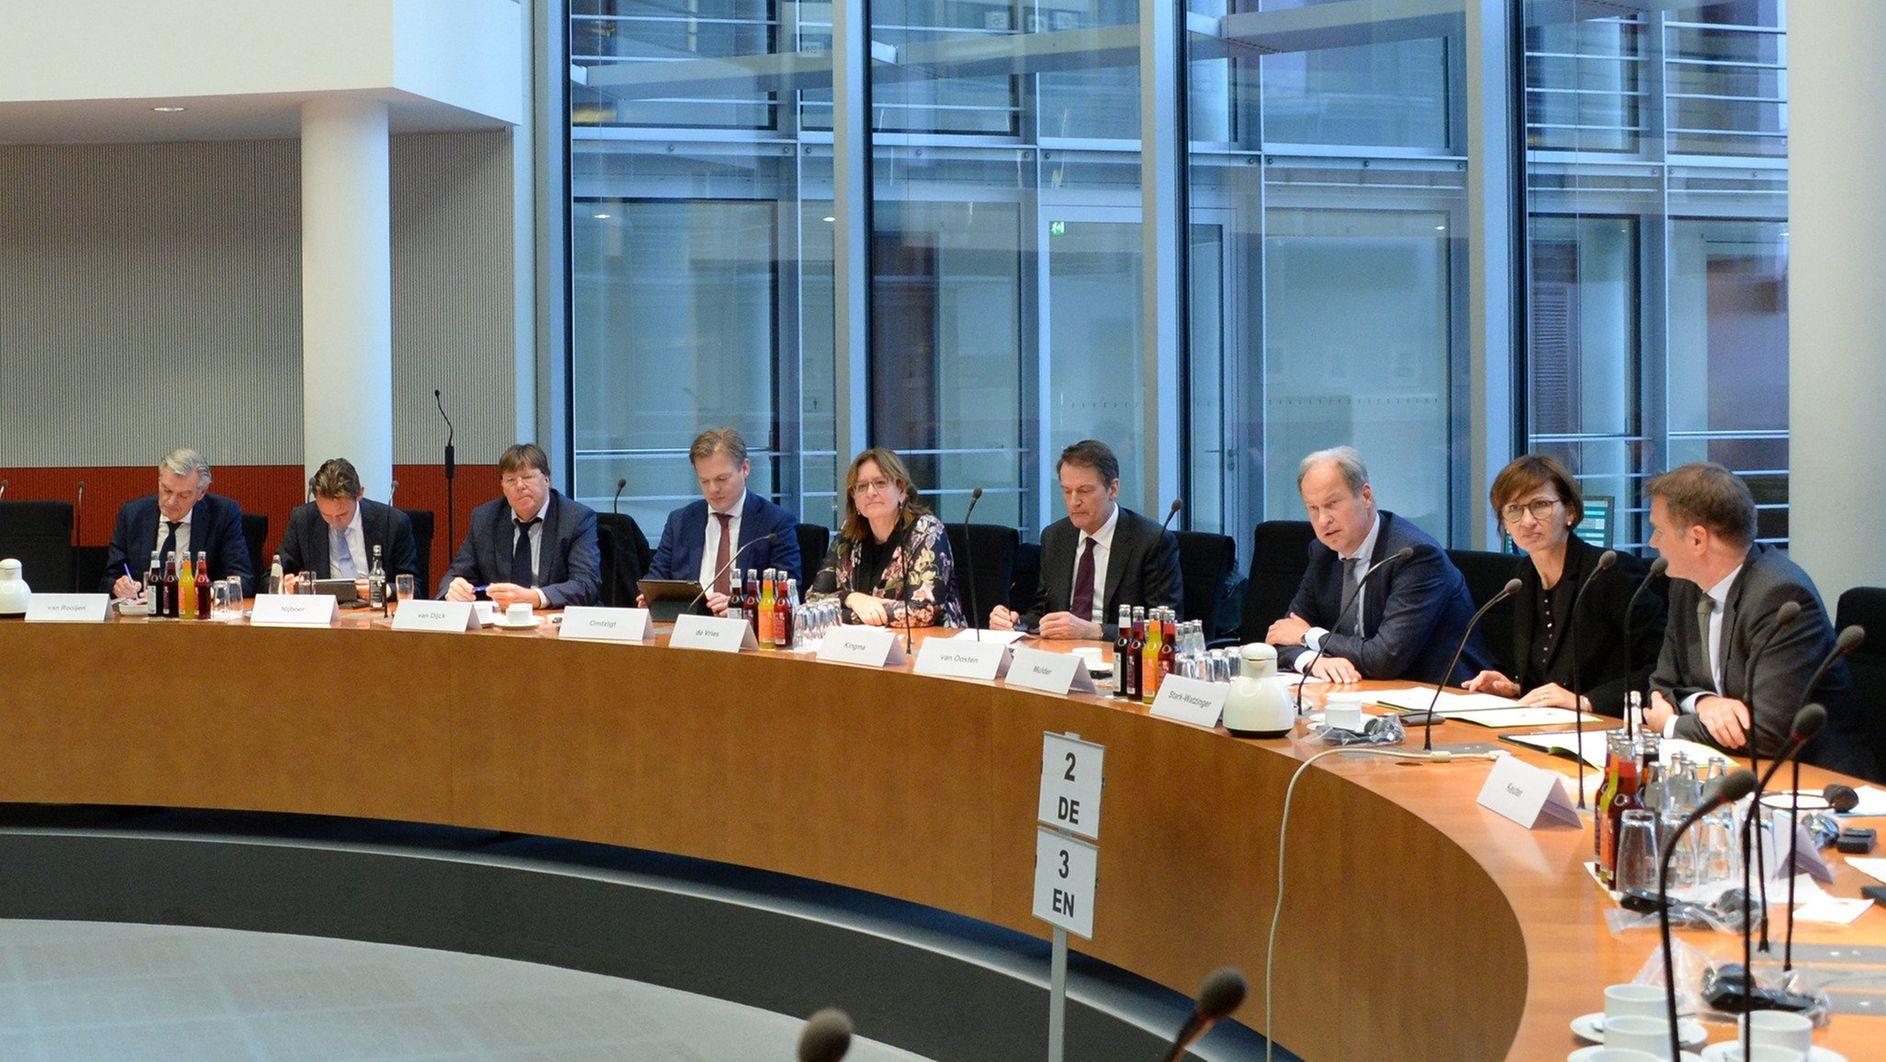 -Gift-f-r-die-Entwicklung-DAI-kritisiert-Finanzausschuss-scharf